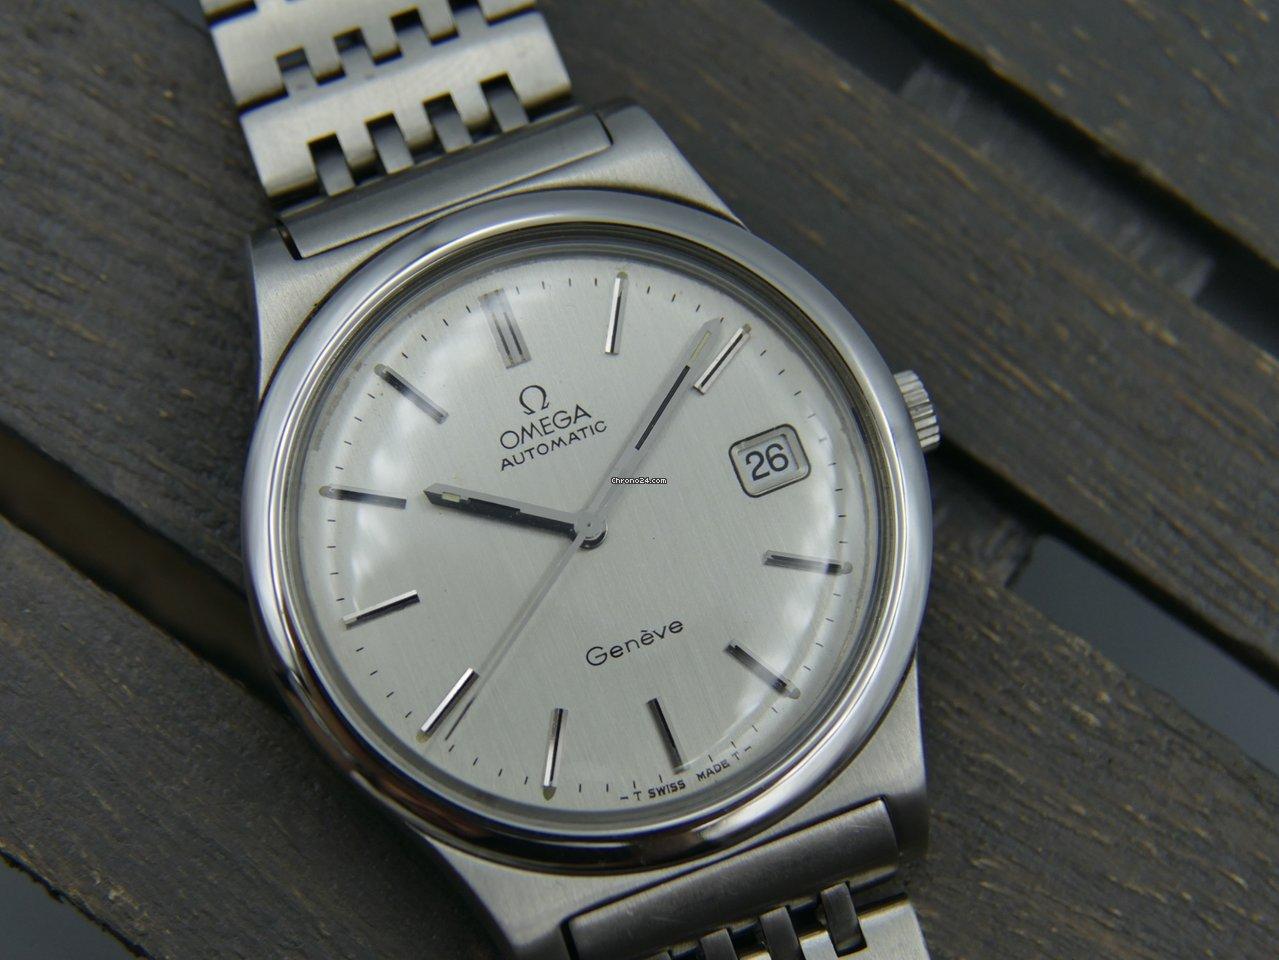 39e9136774d Relógios Omega usados - Compare os preços de relógios Omega usados